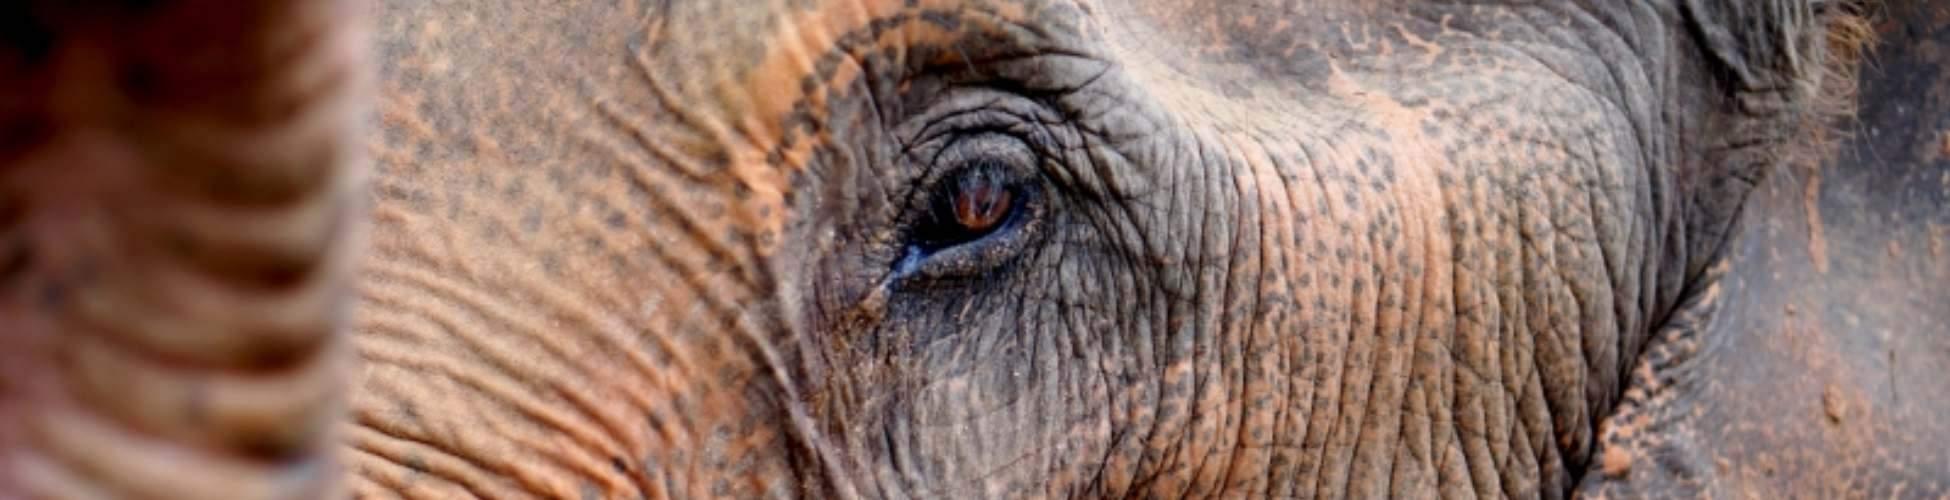 chiang mai elephant nature park close up